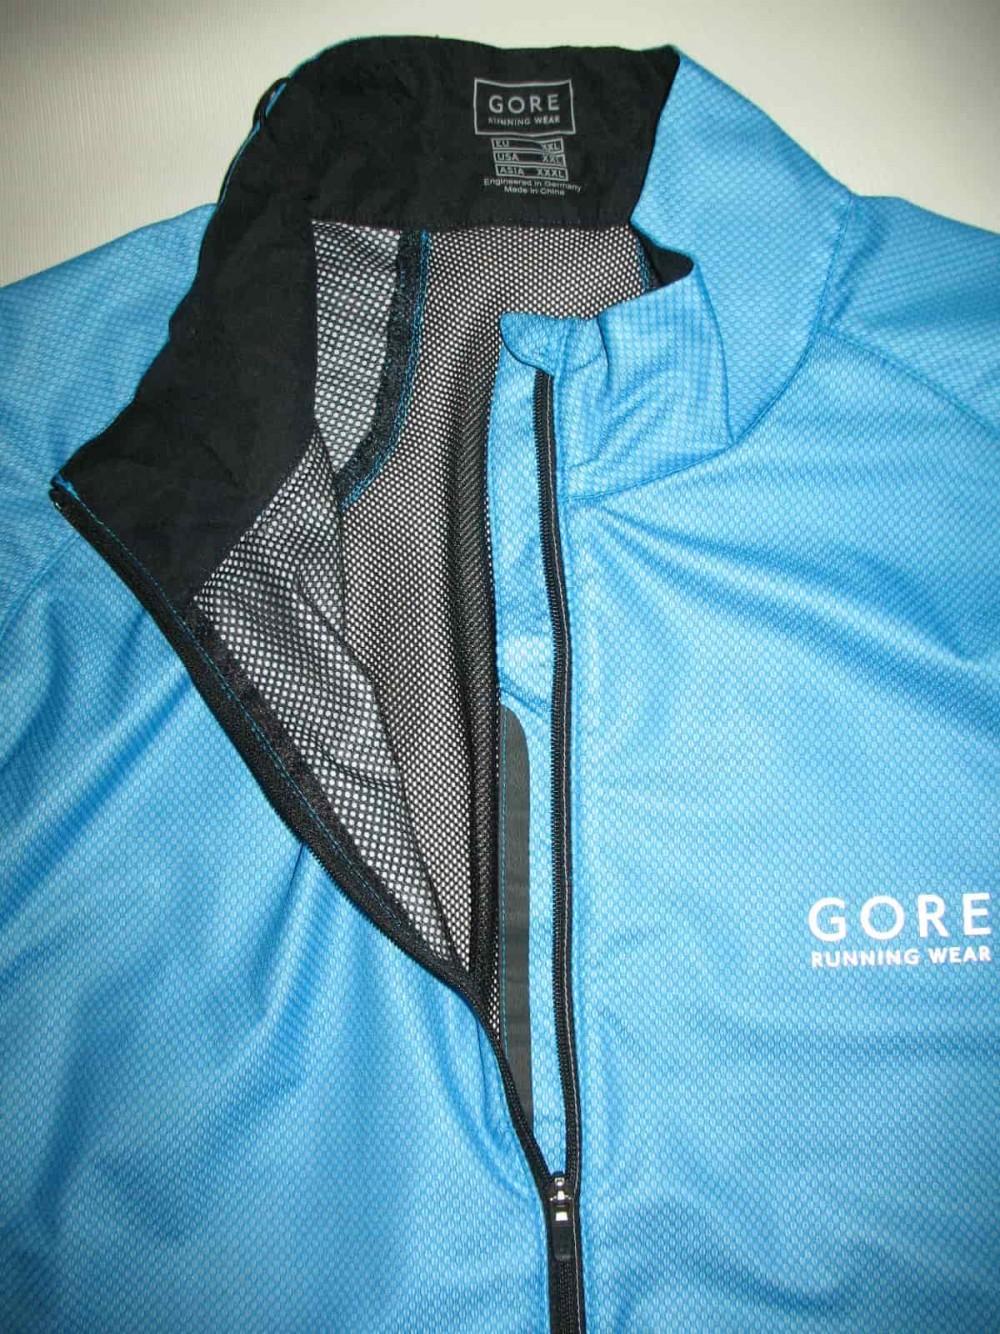 Вело/бег куртка GORE gtx windstopper ultralight blue jacket (размер XXL) - 2